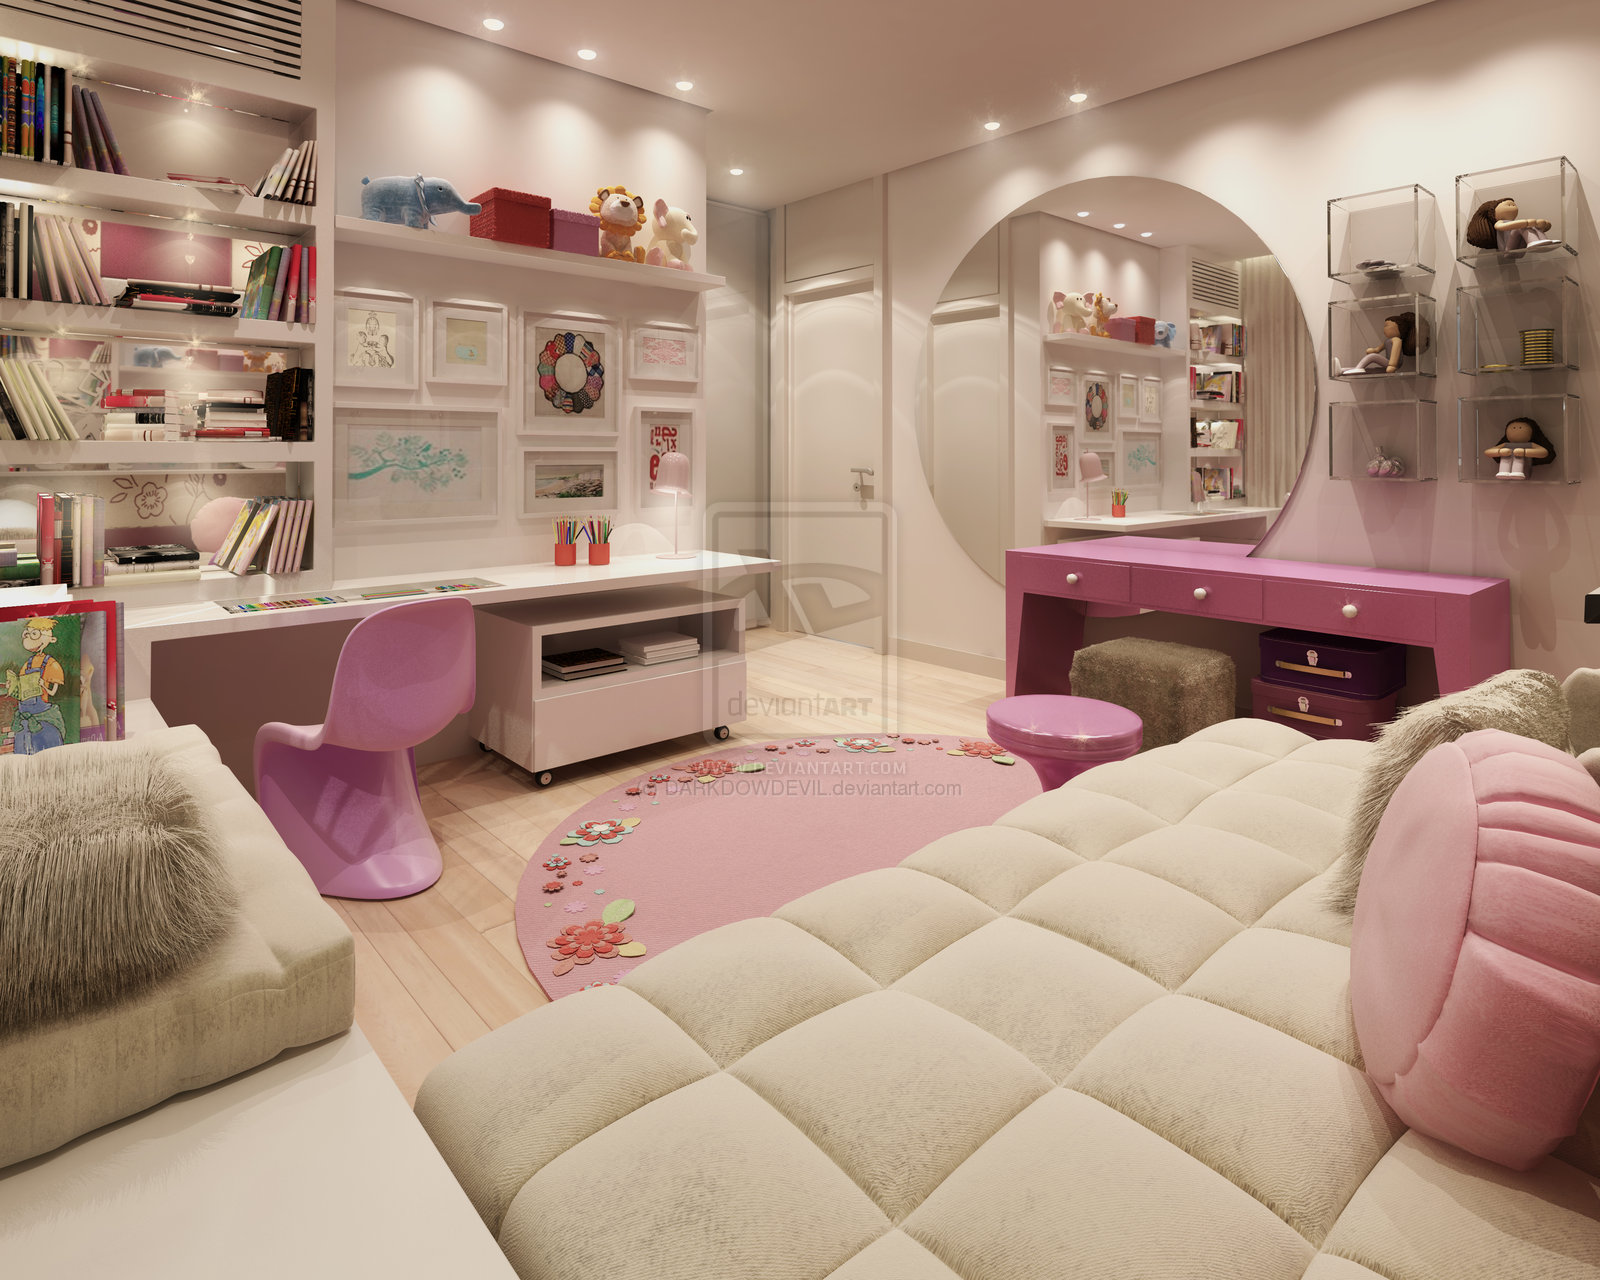 Teenage Room Designs on Teen Room Designs  id=47145